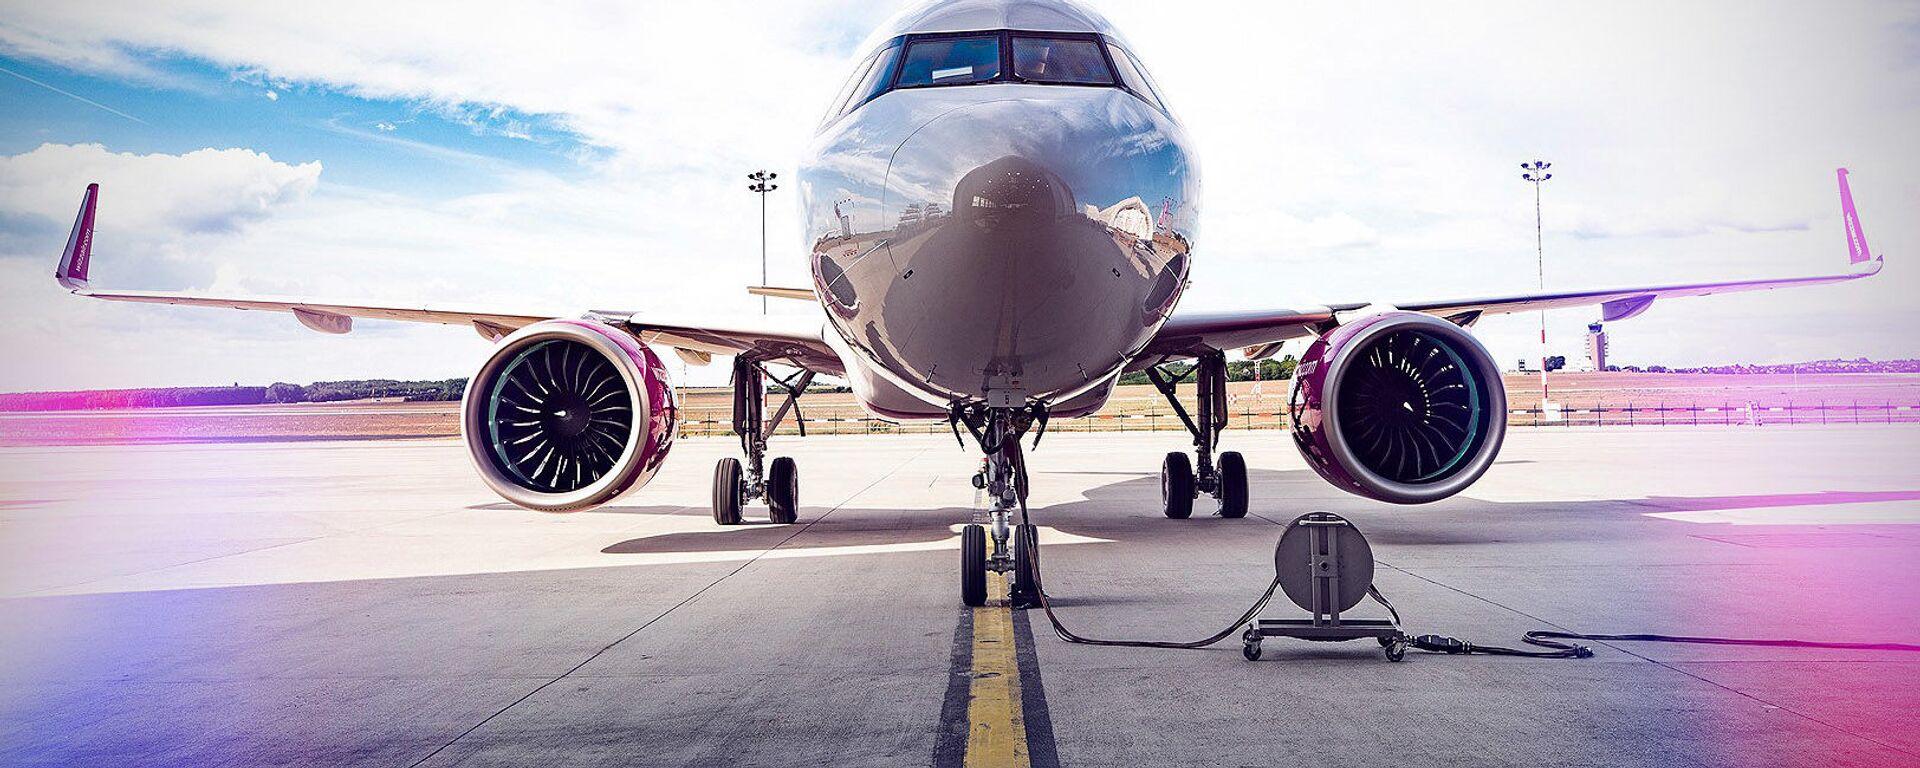 ავიაკომპანია Wizz Air-ის თვითმფრინავი - Sputnik საქართველო, 1920, 18.04.2021